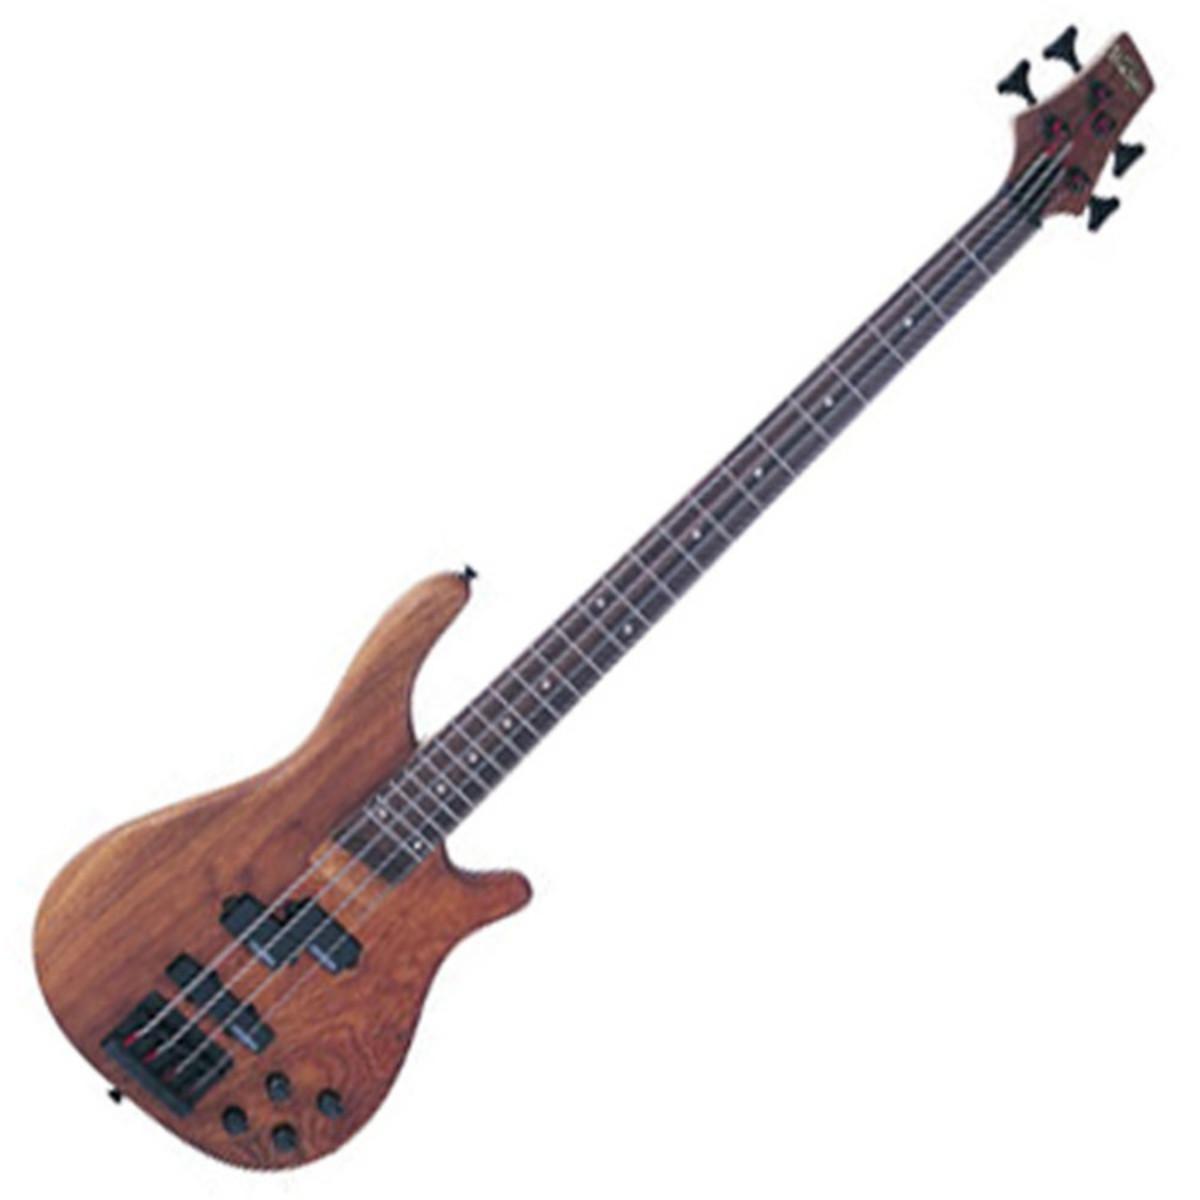 disc vintage v940b bass guitar natural at. Black Bedroom Furniture Sets. Home Design Ideas